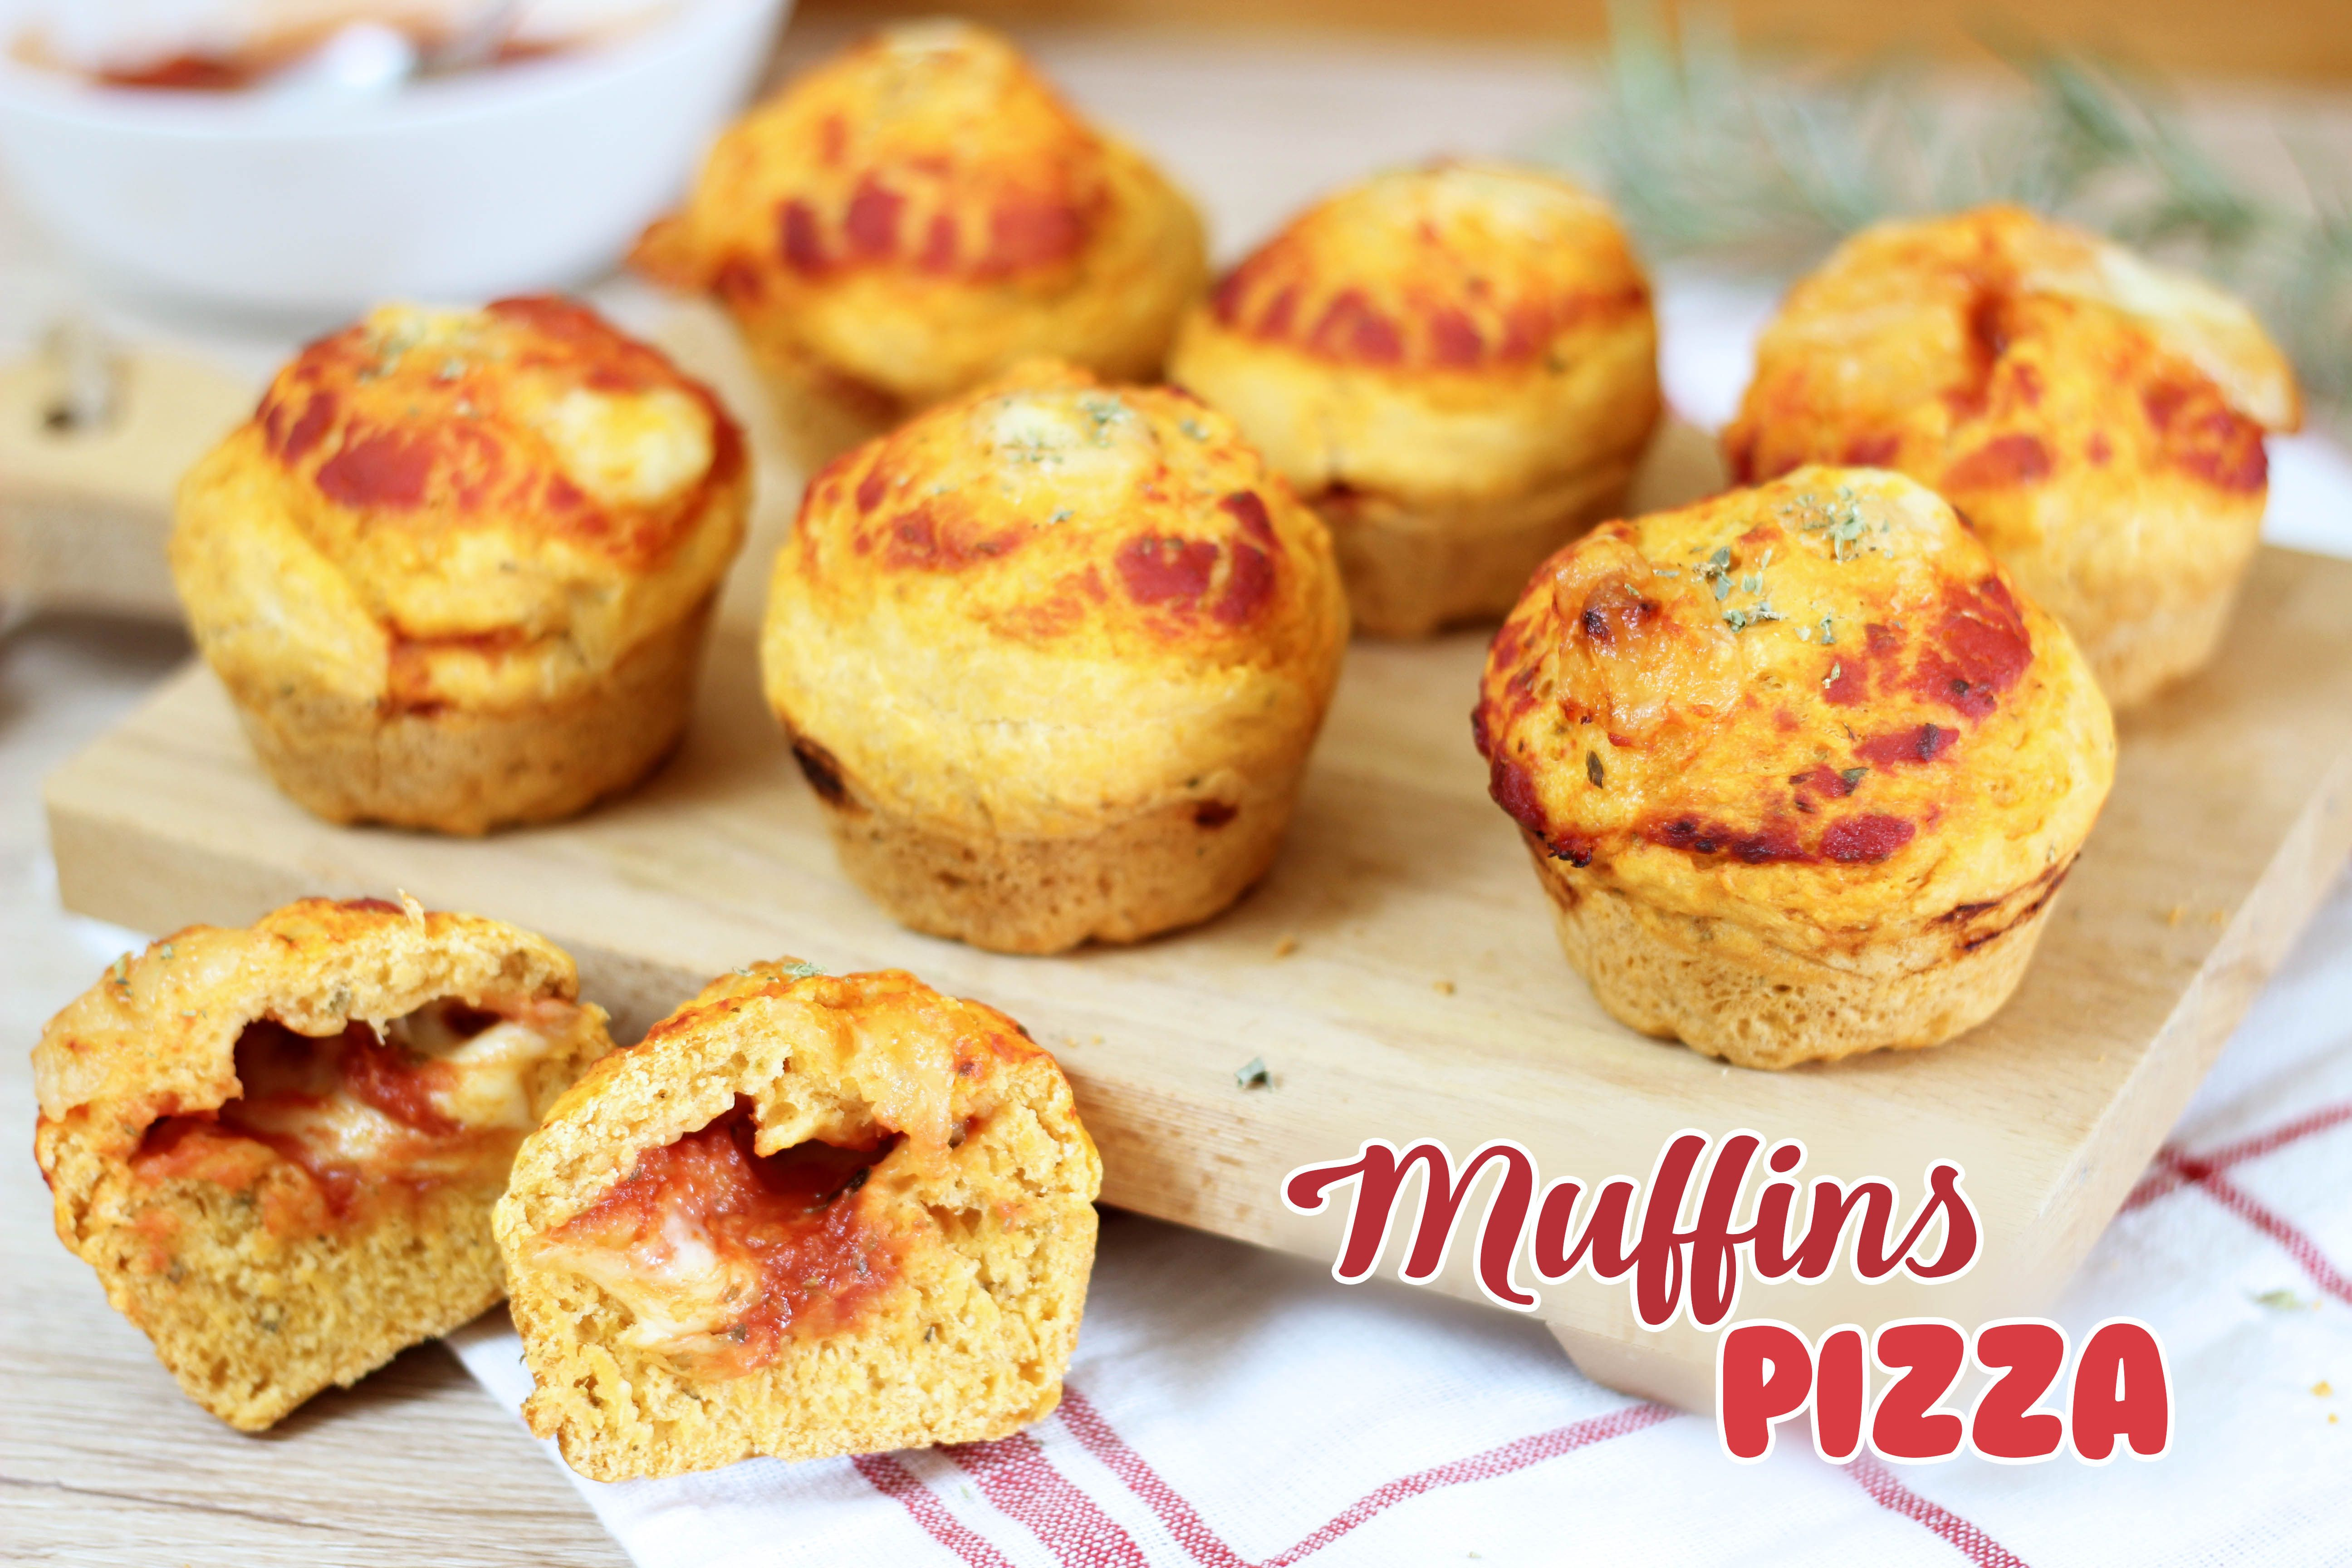 f6467b79b13caa9be730549636a2268d - Ricette Muffins Salati